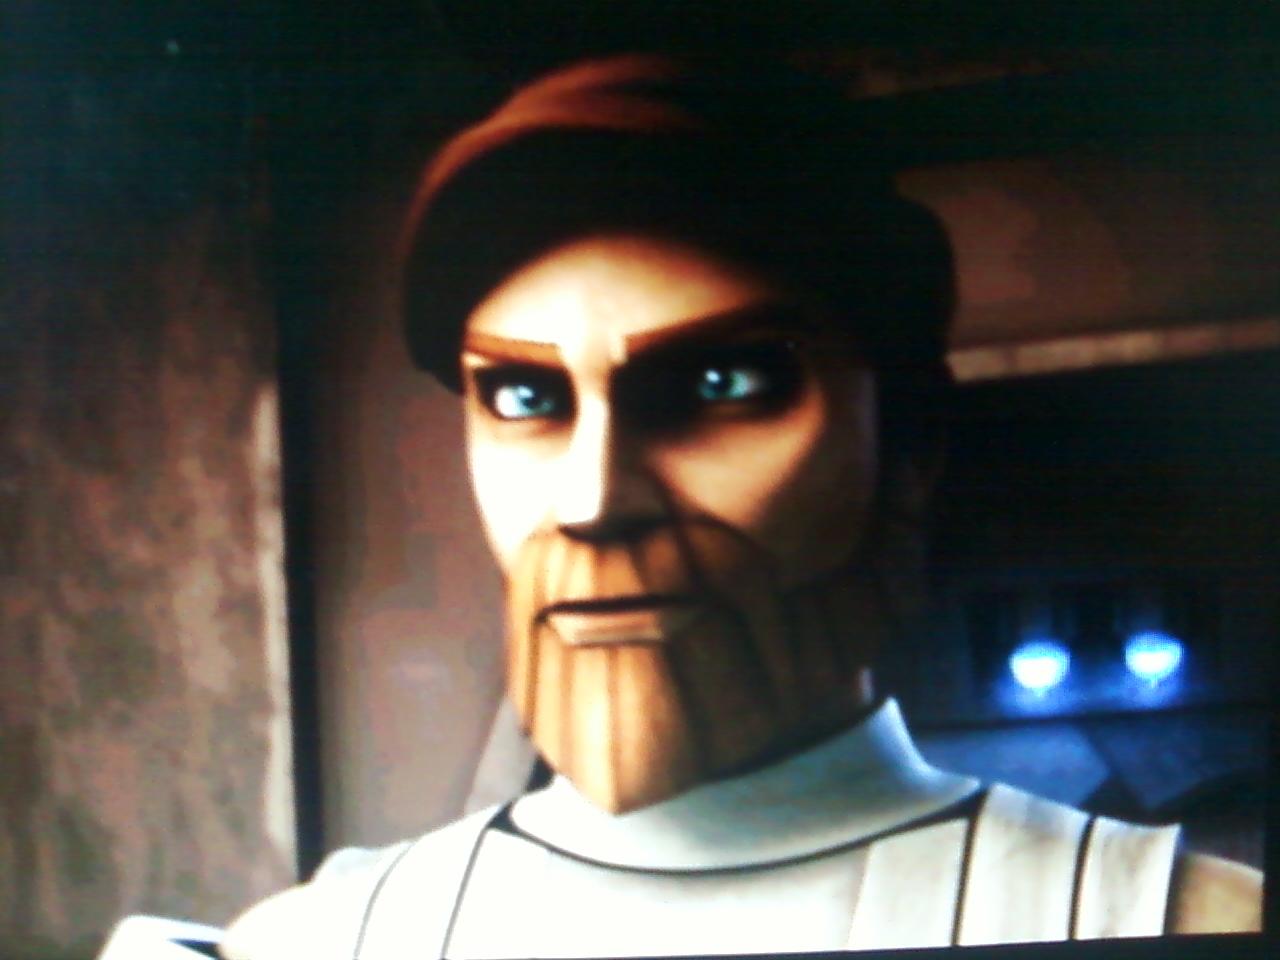 Obi Wan Kenobi Star Wars Jedi Wallpaper 25345774 Fanpop